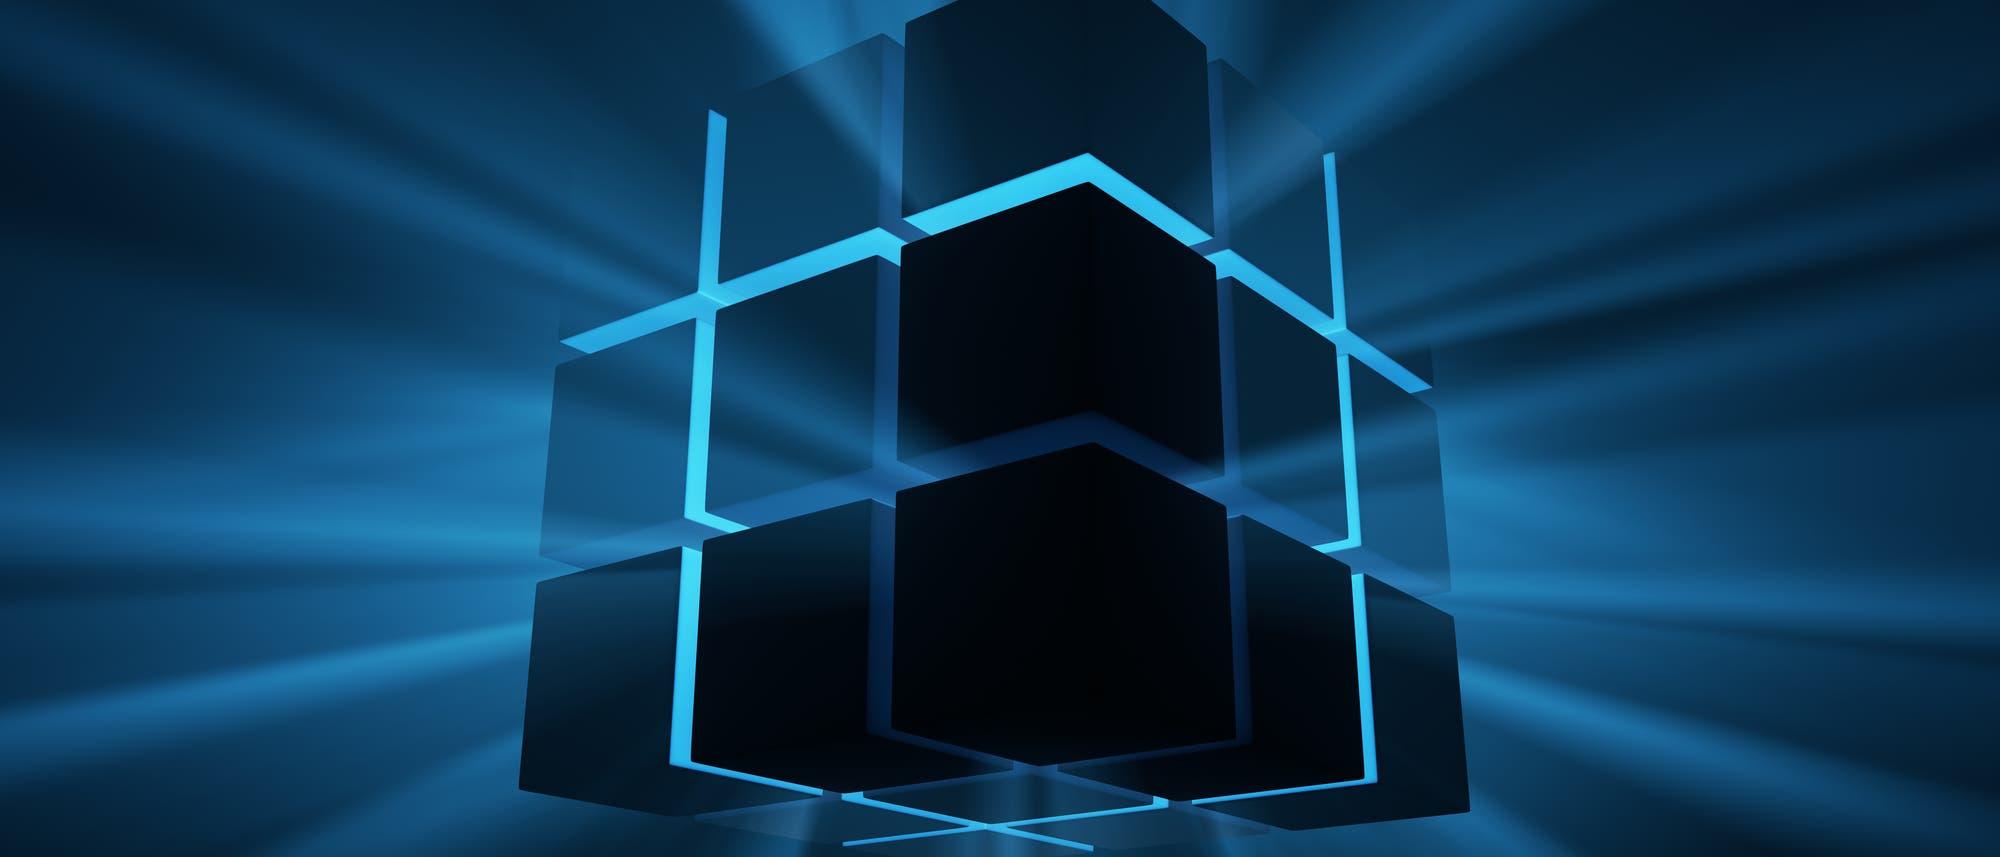 Ein sehr abstrakter Rubik-Würfel aus bläulichem Licht und schwarzen Kuben. Sieht sehr Sci-Fi-mäßig aus, aber wir wissen ja: wirklich revolutionäre Dinge haben runde Ecken.